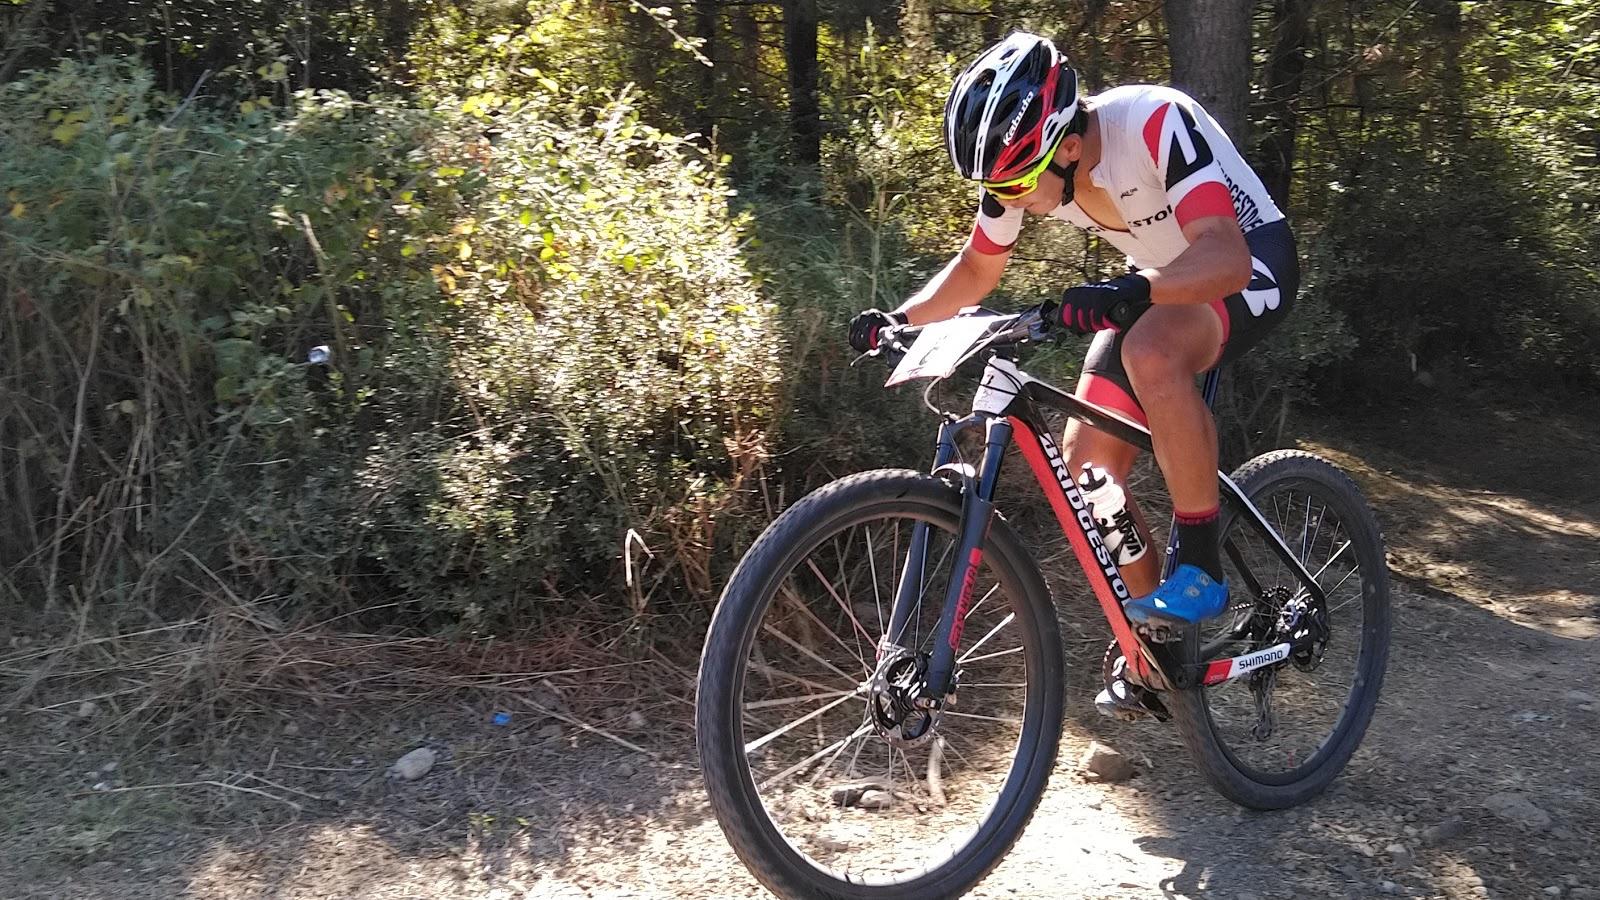 【MTBトルコ UCI-C1】YalovaでのC-1レース 沢田9位でUCIポイント獲得